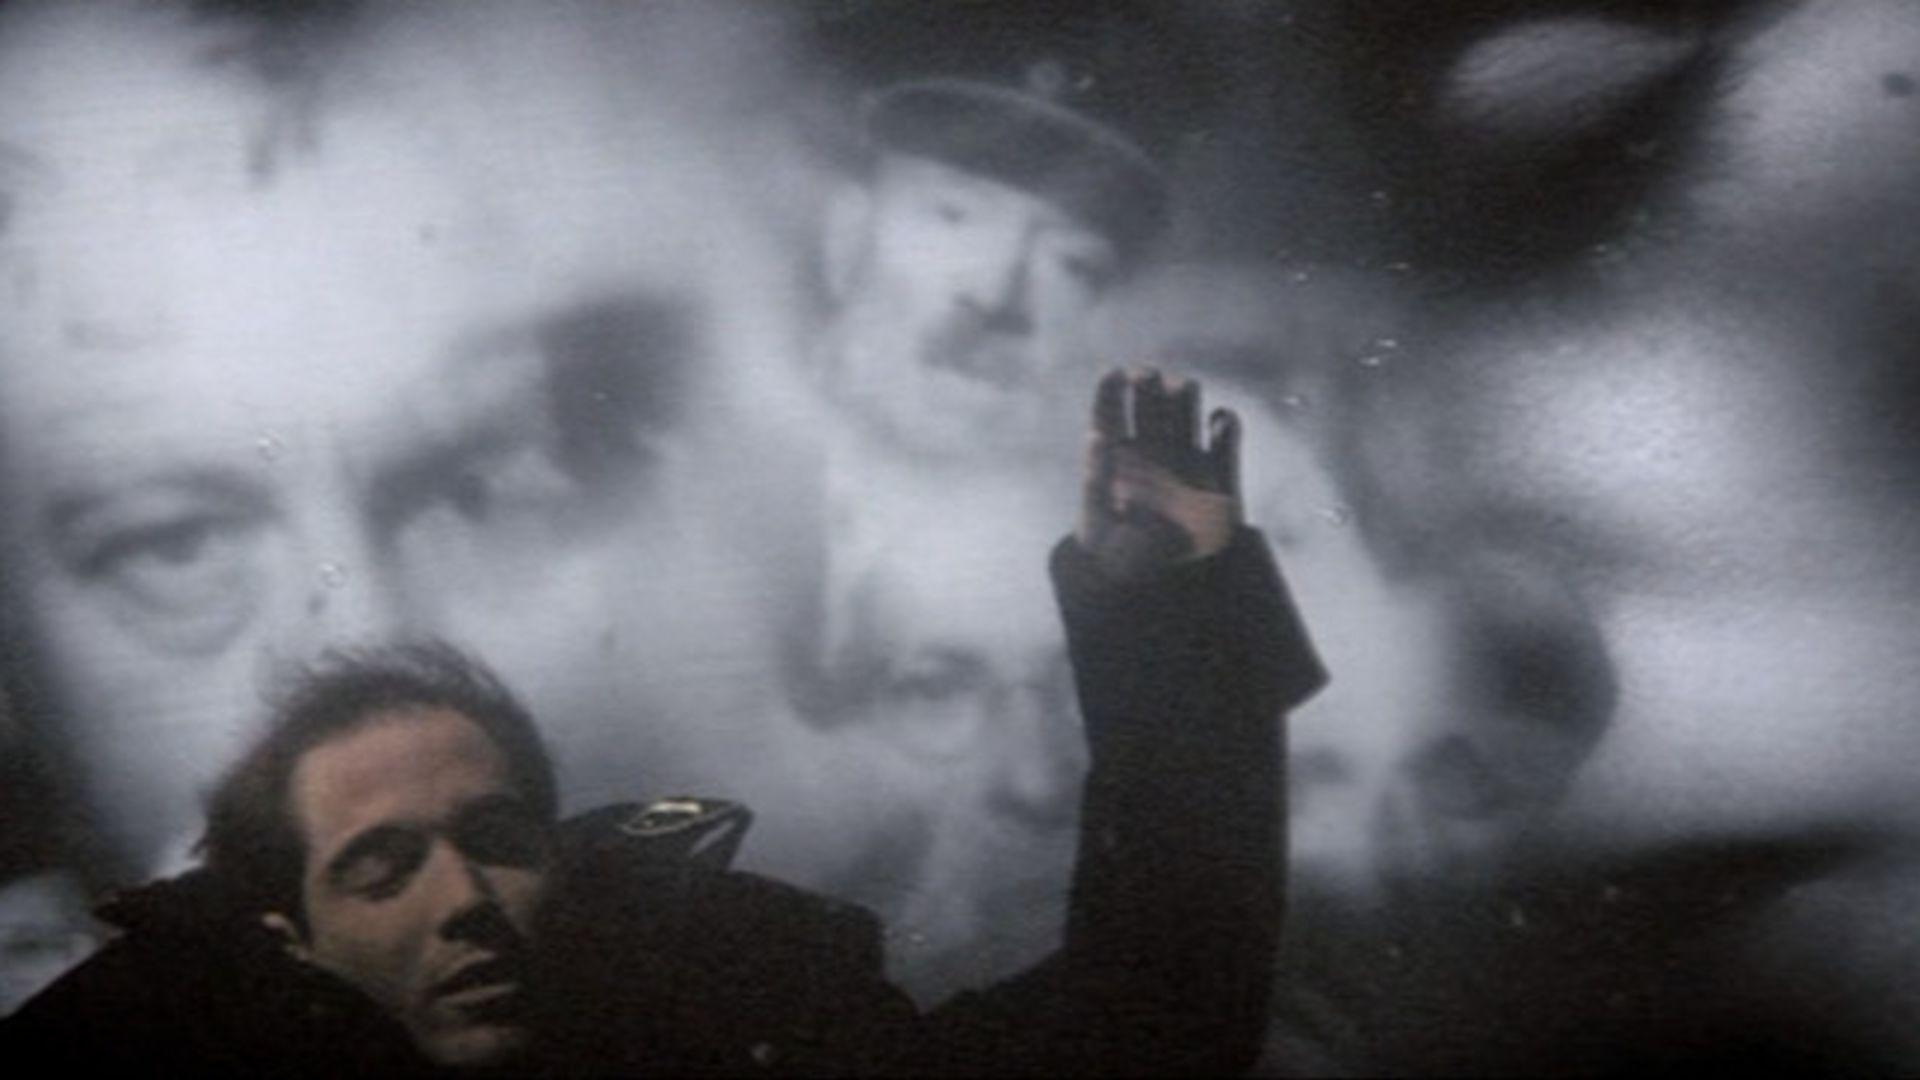 Европа (1991, реж. Ларс фон Триер. Дания, Швеция, Франция, Германия, Швейцария, Испания)